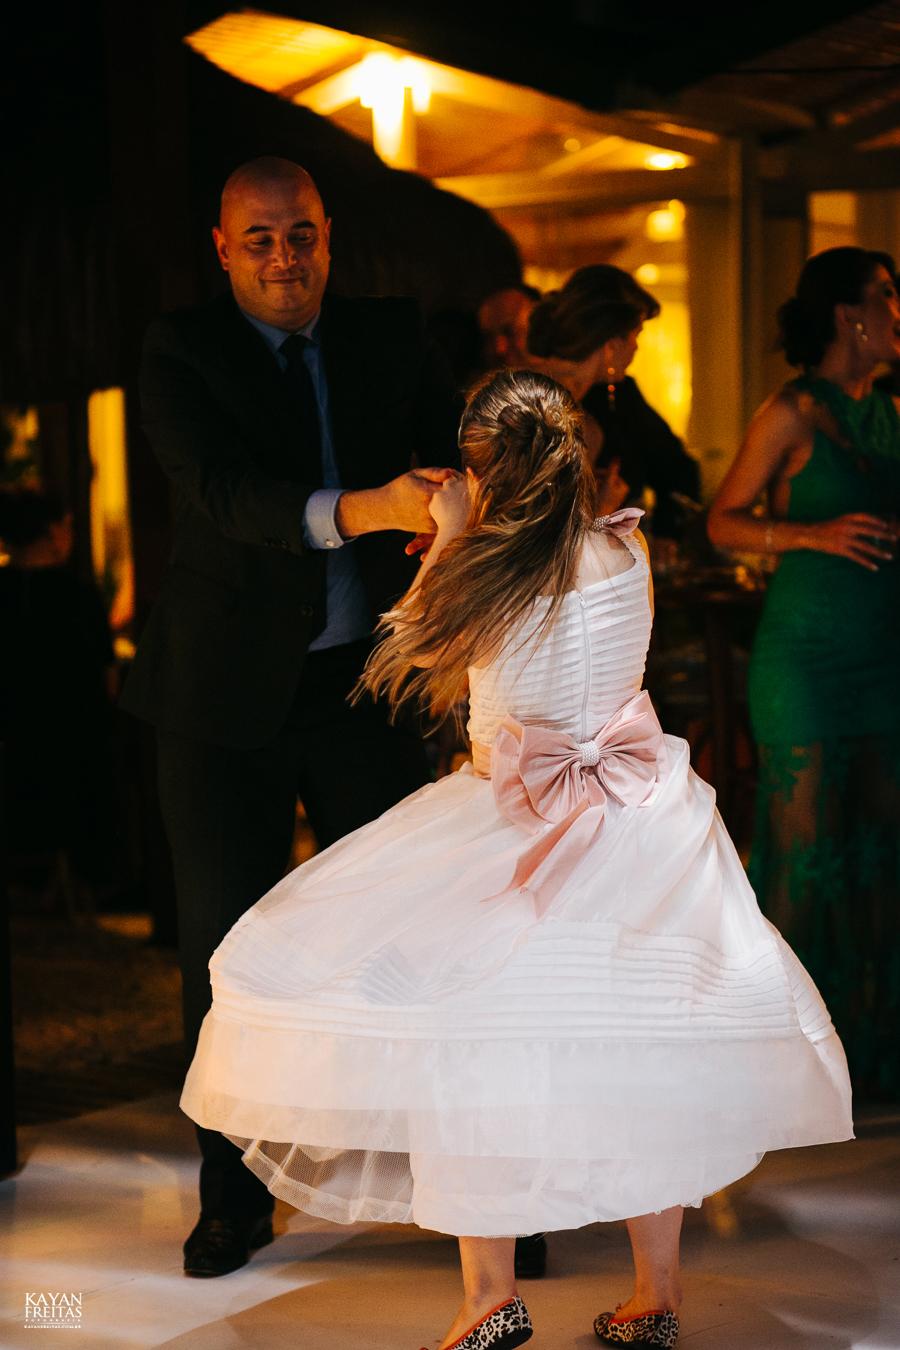 fotografo-casamento-florianopolis-jeg-0142